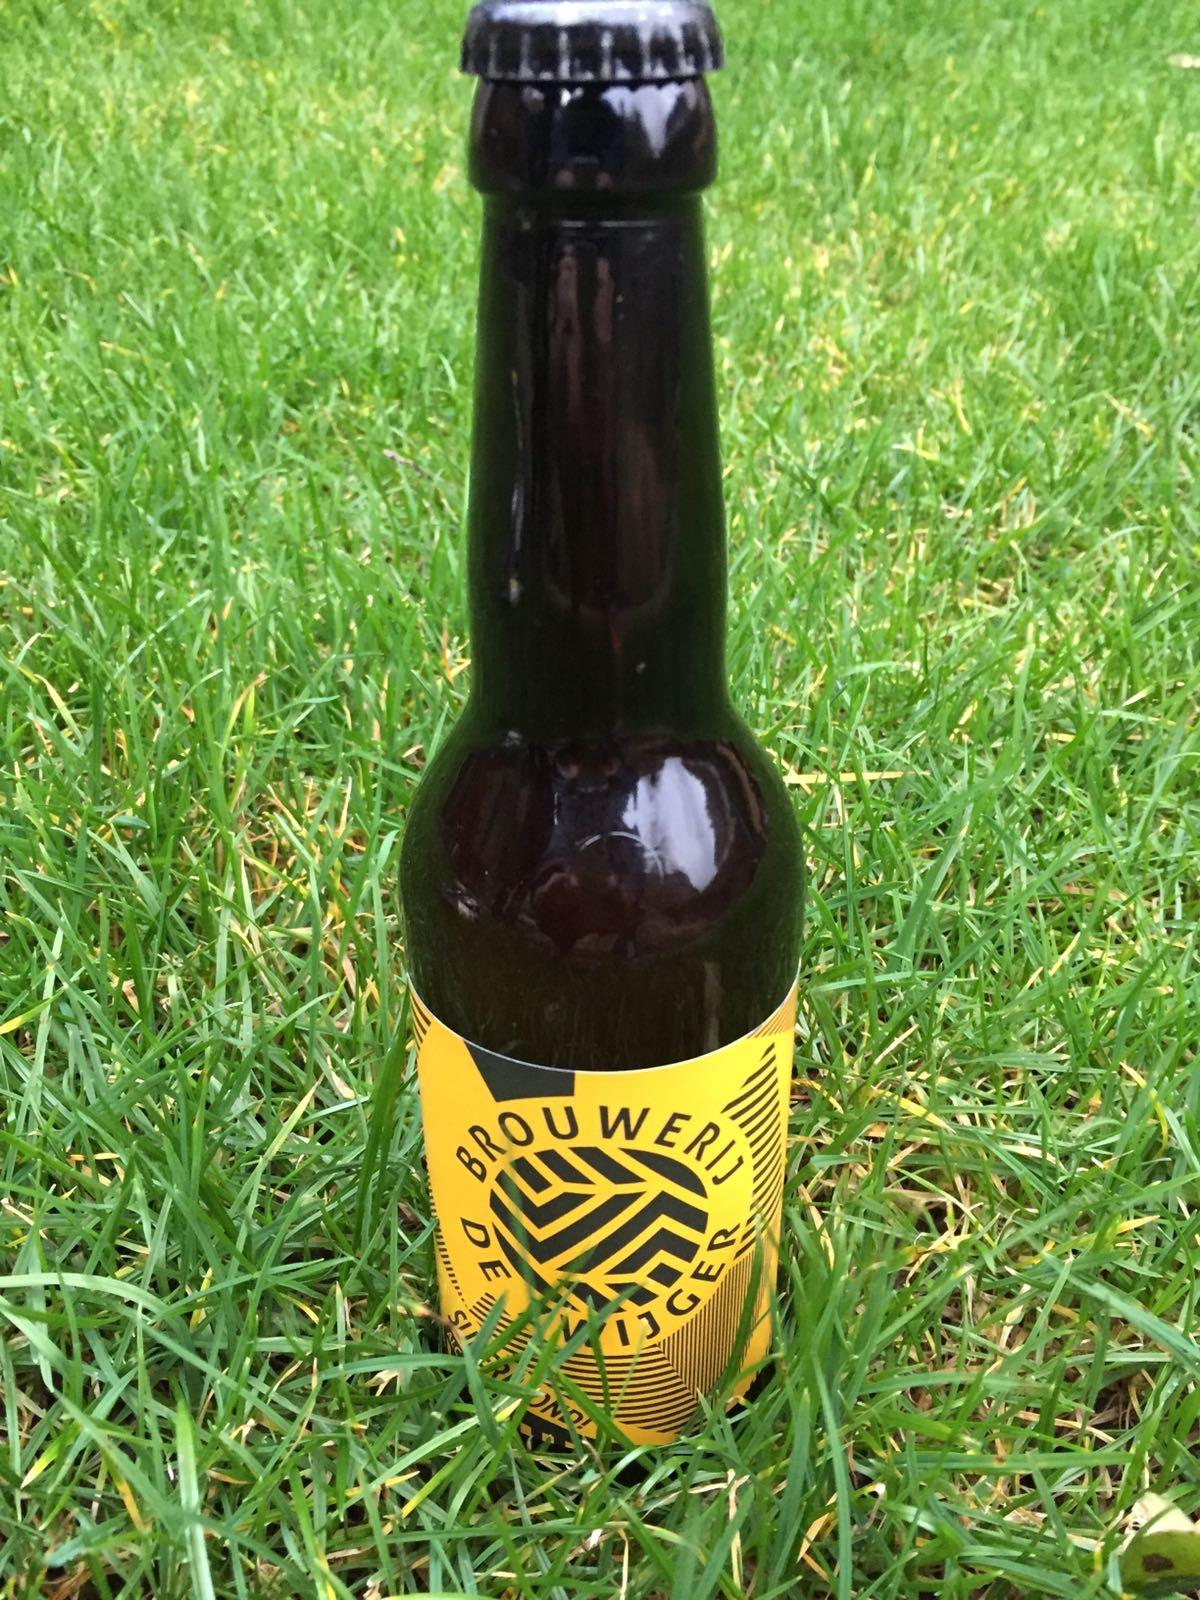 Superblond Herkomst: Amsterdam, Nederland Dit goudblond bier komt van brouwerij De Zwijger uit Amsterdam. Het was even wachten op dit biertje maar wij hebben hem. De brouwerij is sinds februari 2017 pas live en daarom zijn wij extra blij dat we dit bier in ons pakket hebben. Dit blond bier is zacht van smaak met tonen van citrus. Een mooie balans tussen bitter, zoet en hop. Een eer-ste batch van brouwerij de Zwijger die er mag zijn. Met de aftrap van zo'n mooi bier zijn wij nieuwsgierig naar de ontwikkelingen van deze brouwerij. Het bier bevat een alcoholpercentage van 6%. Advies serveertemperatuur: 6 graden.